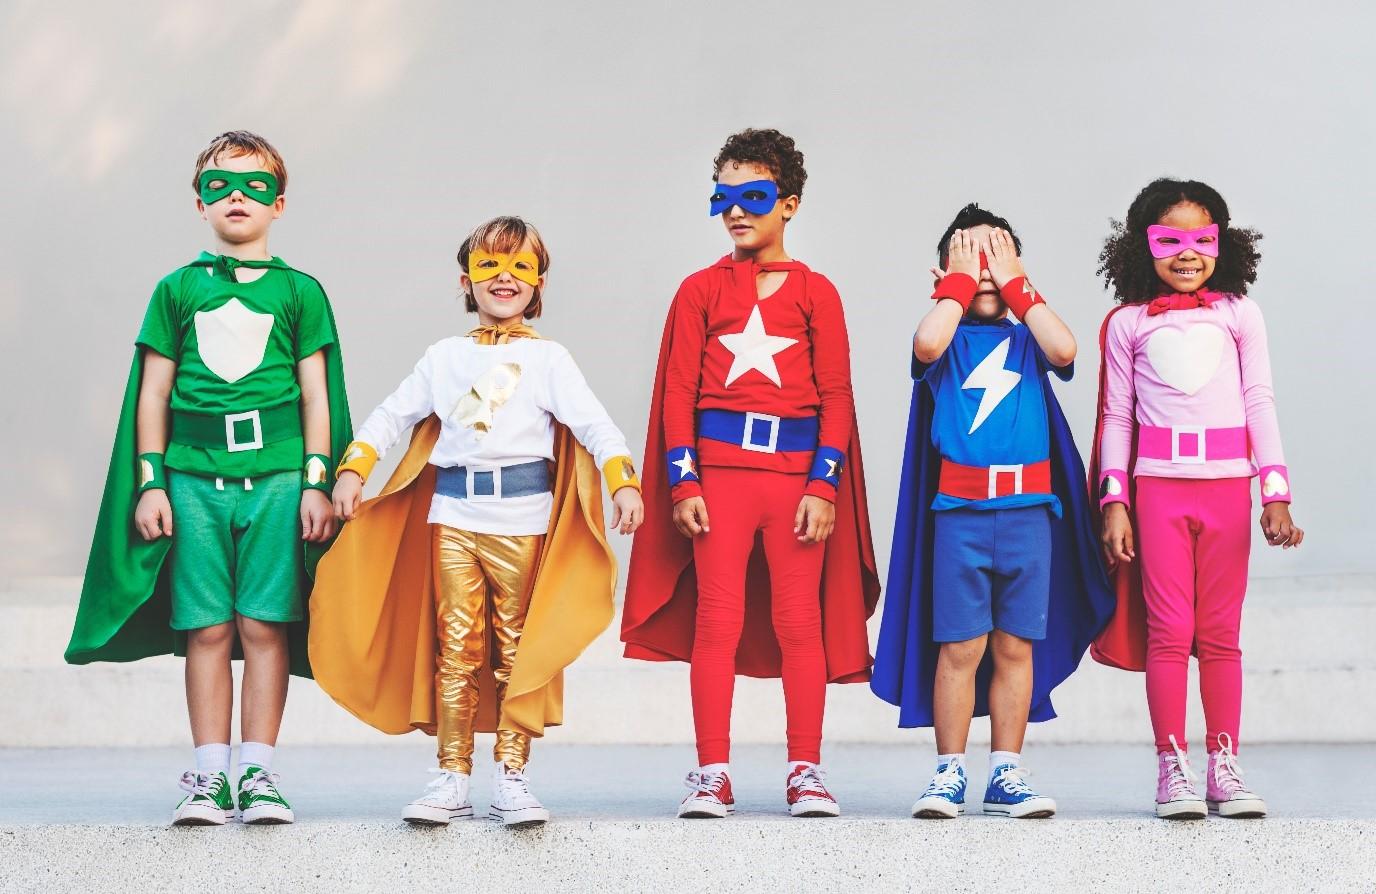 Yeni nesil liderlerin kariyerlerini geliştirmelerine yardımcı olma